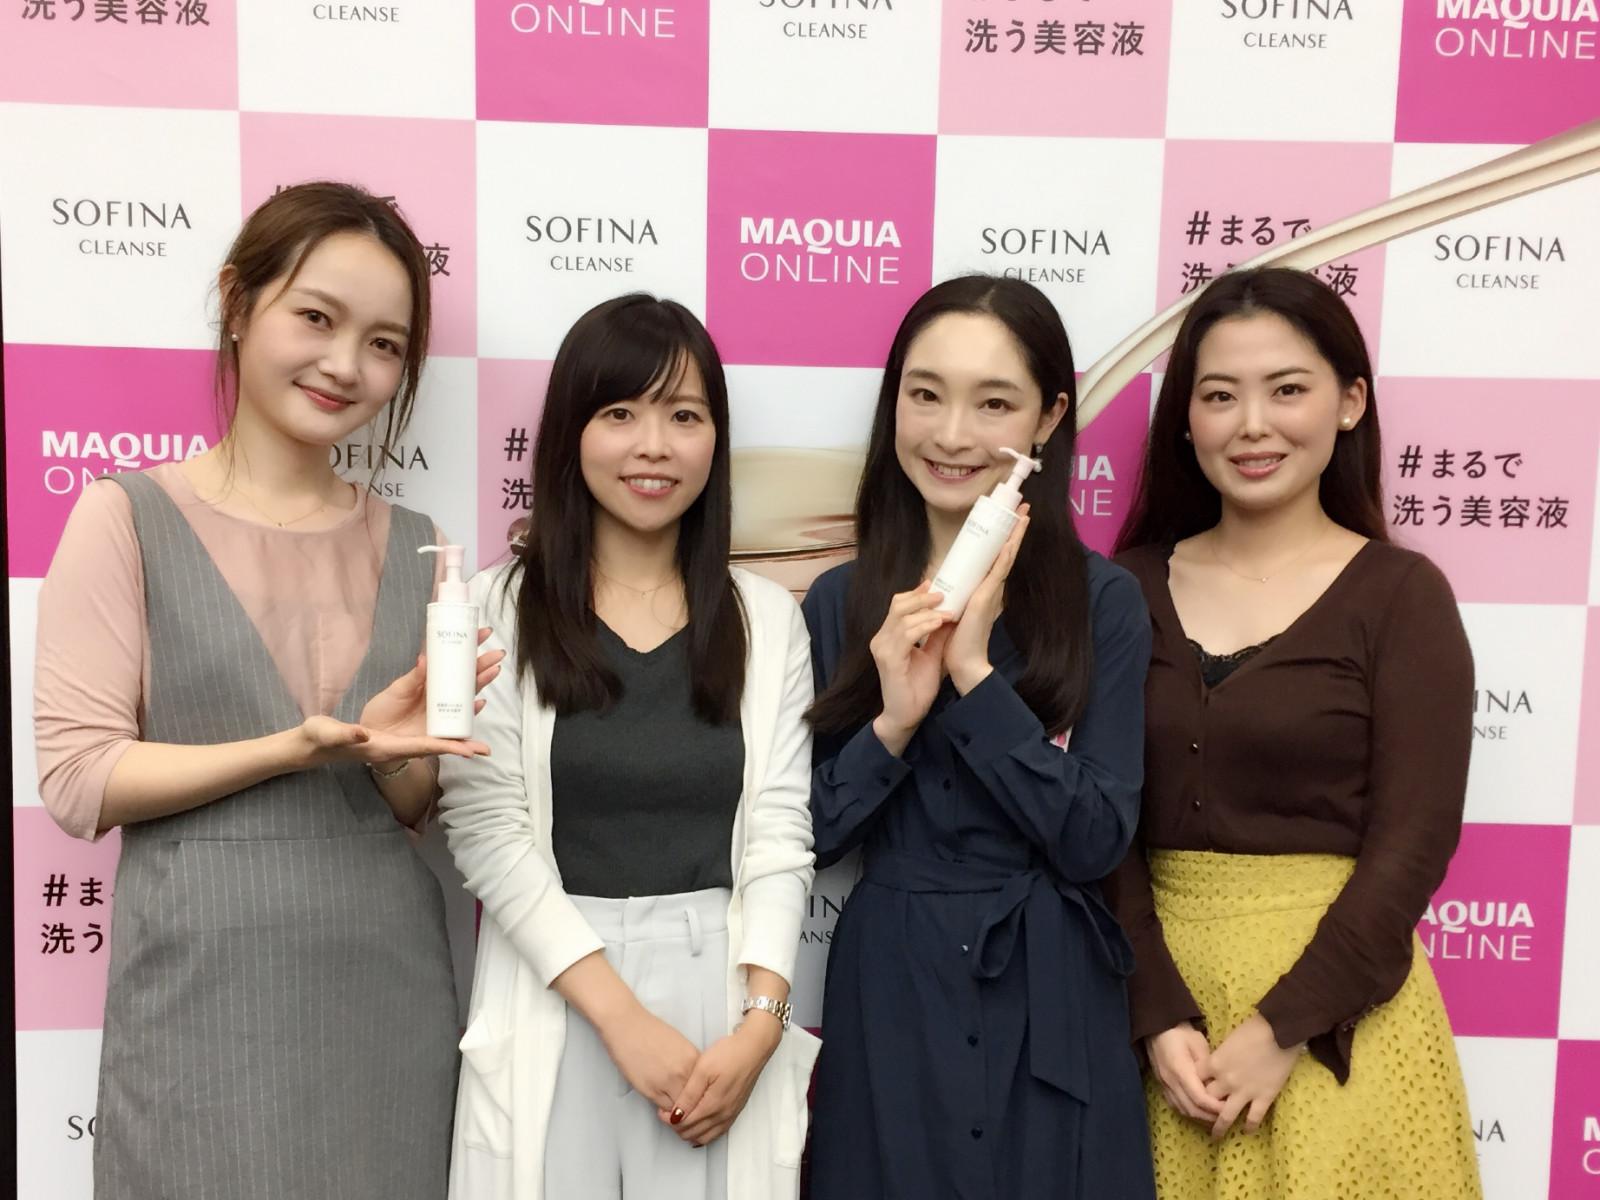 ソフィーナ♡乾燥肌のための洗顔料が発売!